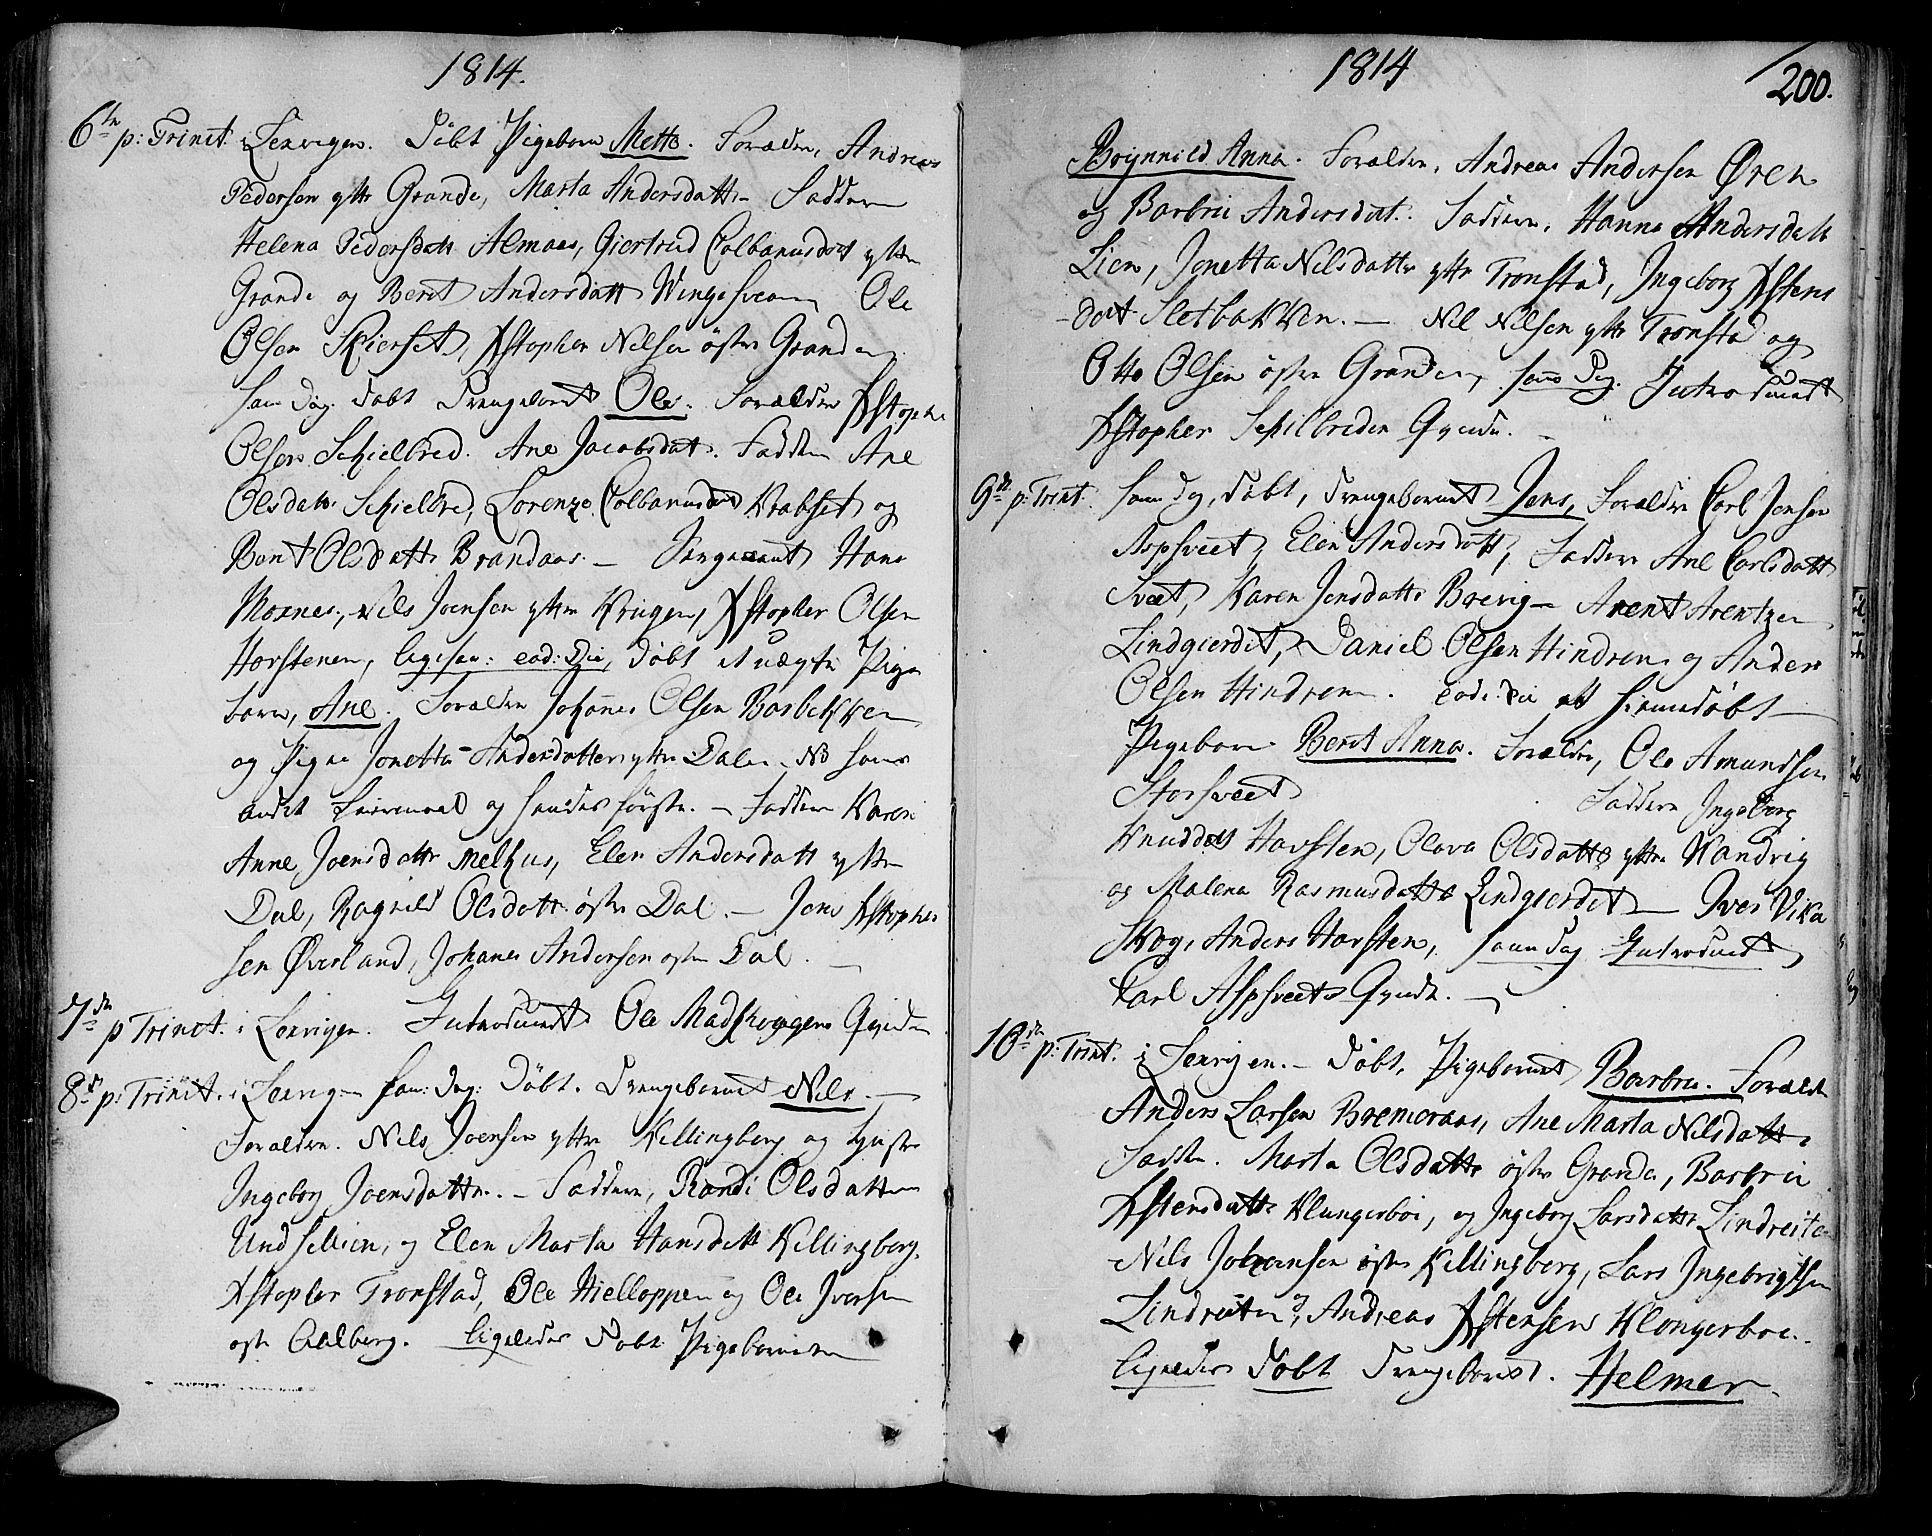 SAT, Ministerialprotokoller, klokkerbøker og fødselsregistre - Nord-Trøndelag, 701/L0004: Ministerialbok nr. 701A04, 1783-1816, s. 200